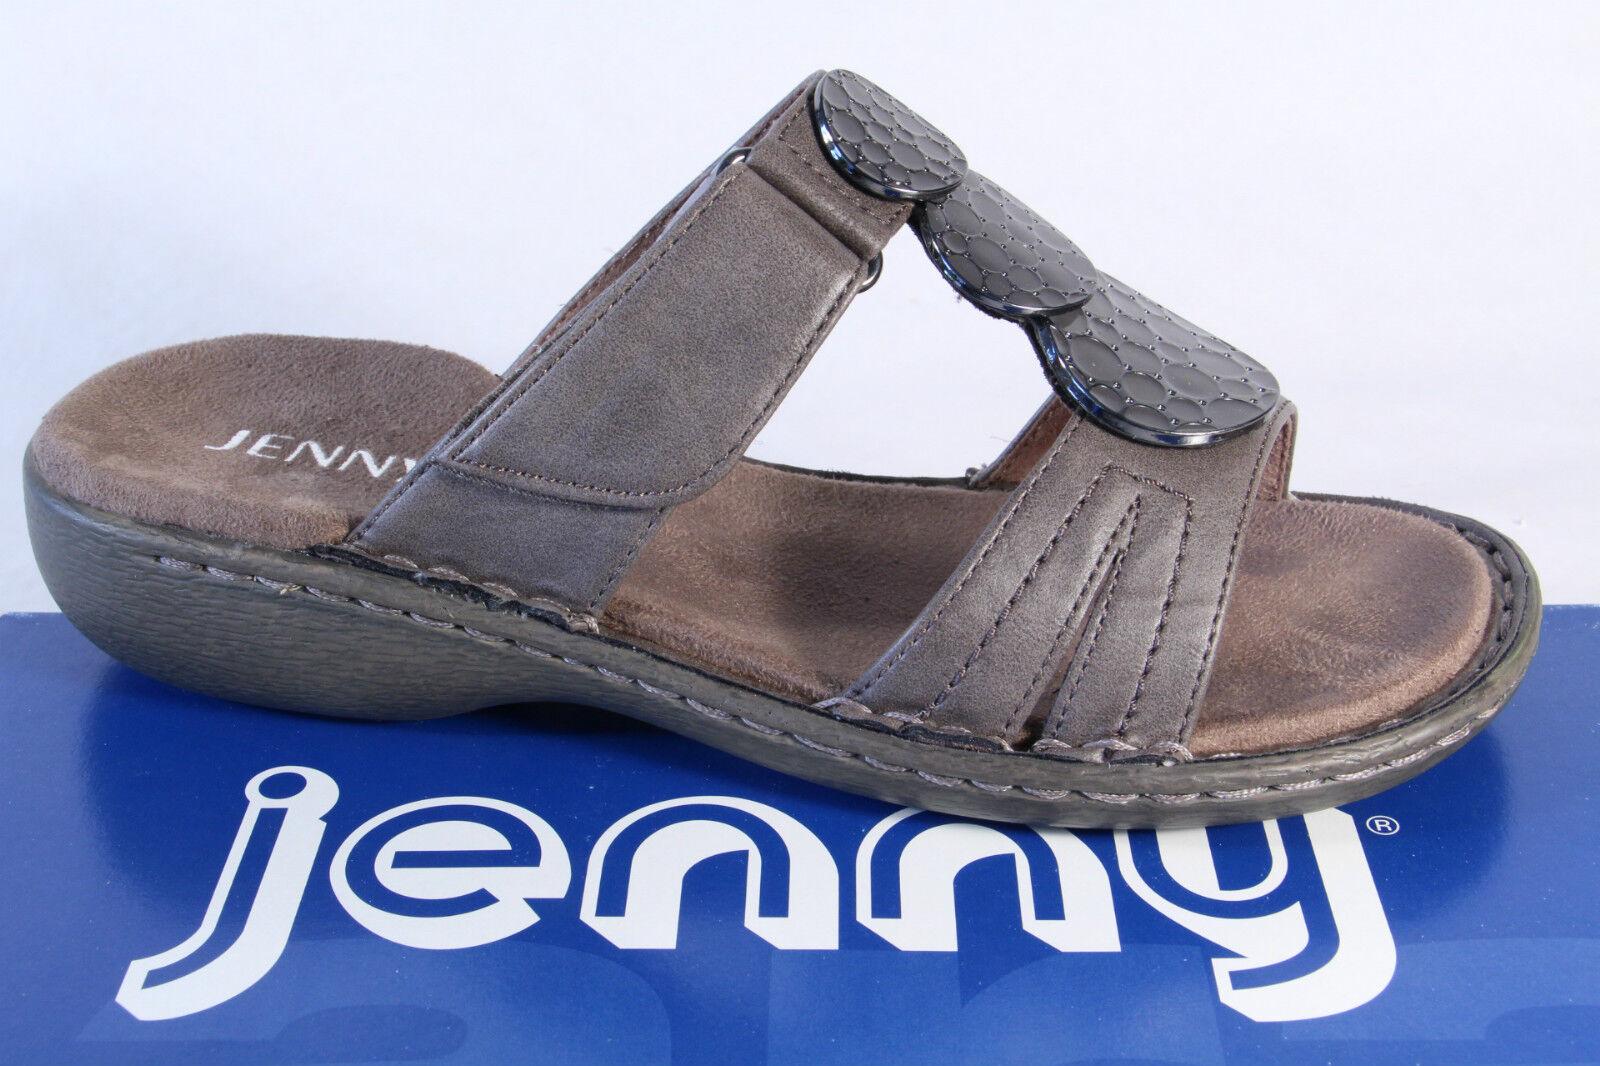 Jenny Pantolette, Leder, grau, Klettverschluß NEU